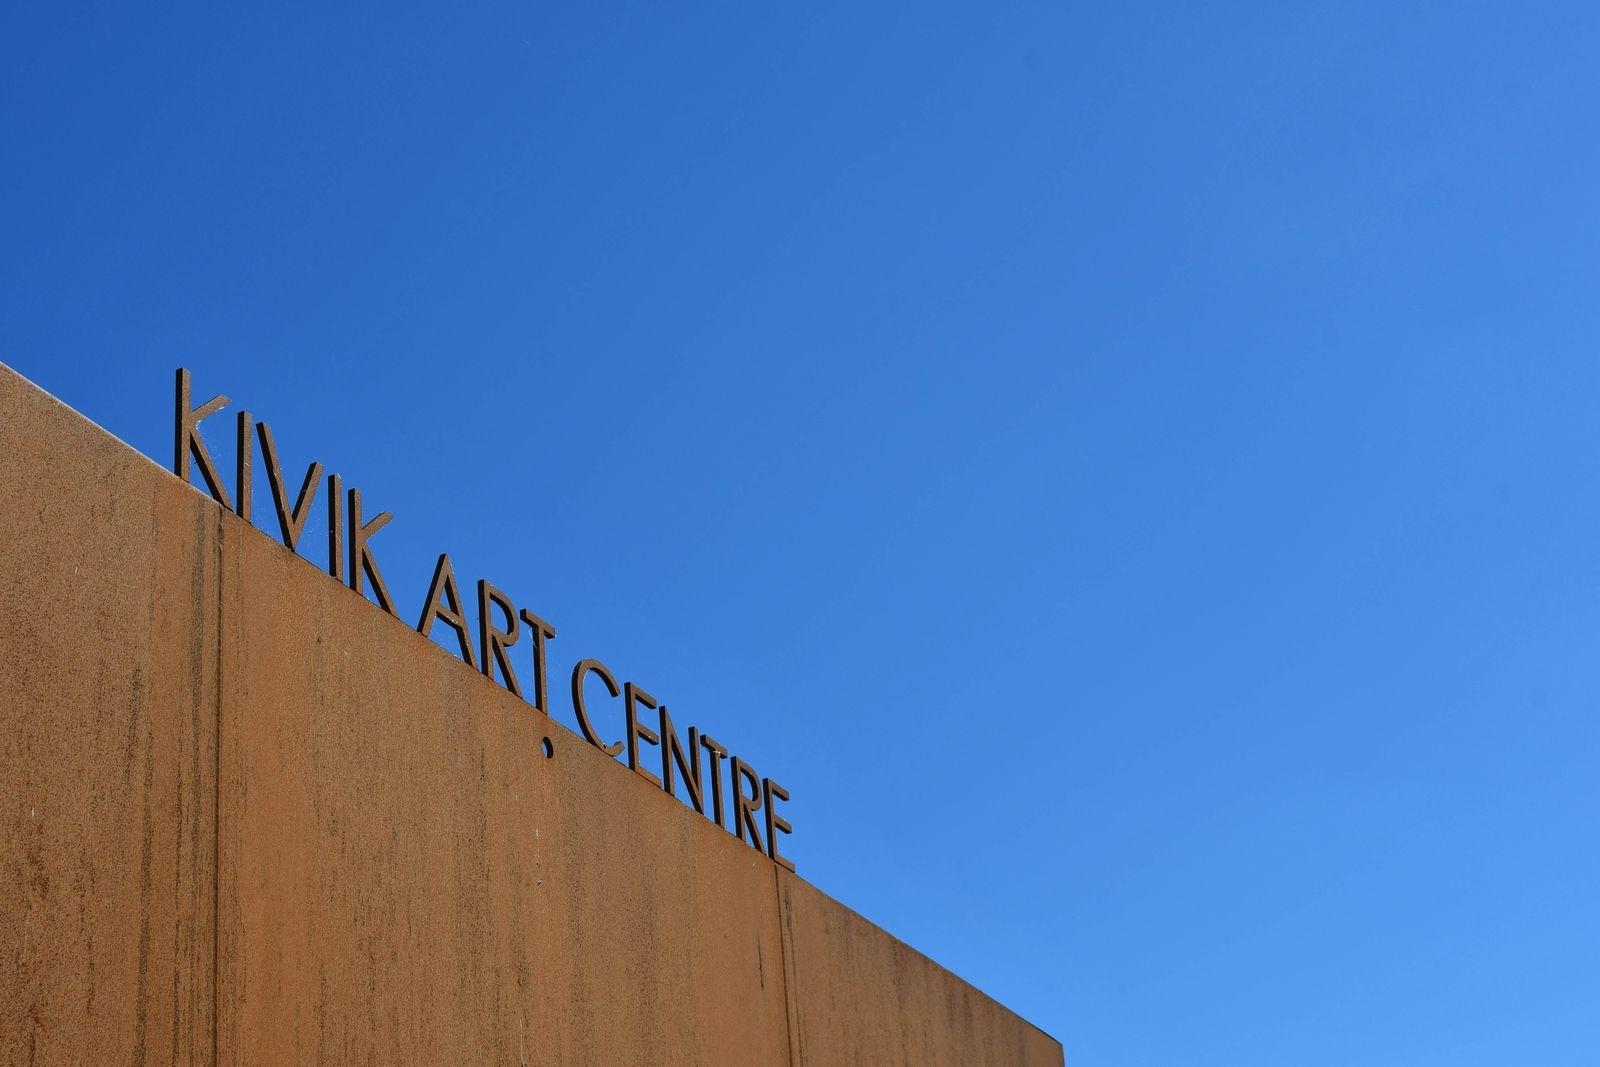 Kivik Art Centre öppet alla dagar klockan 11-17.